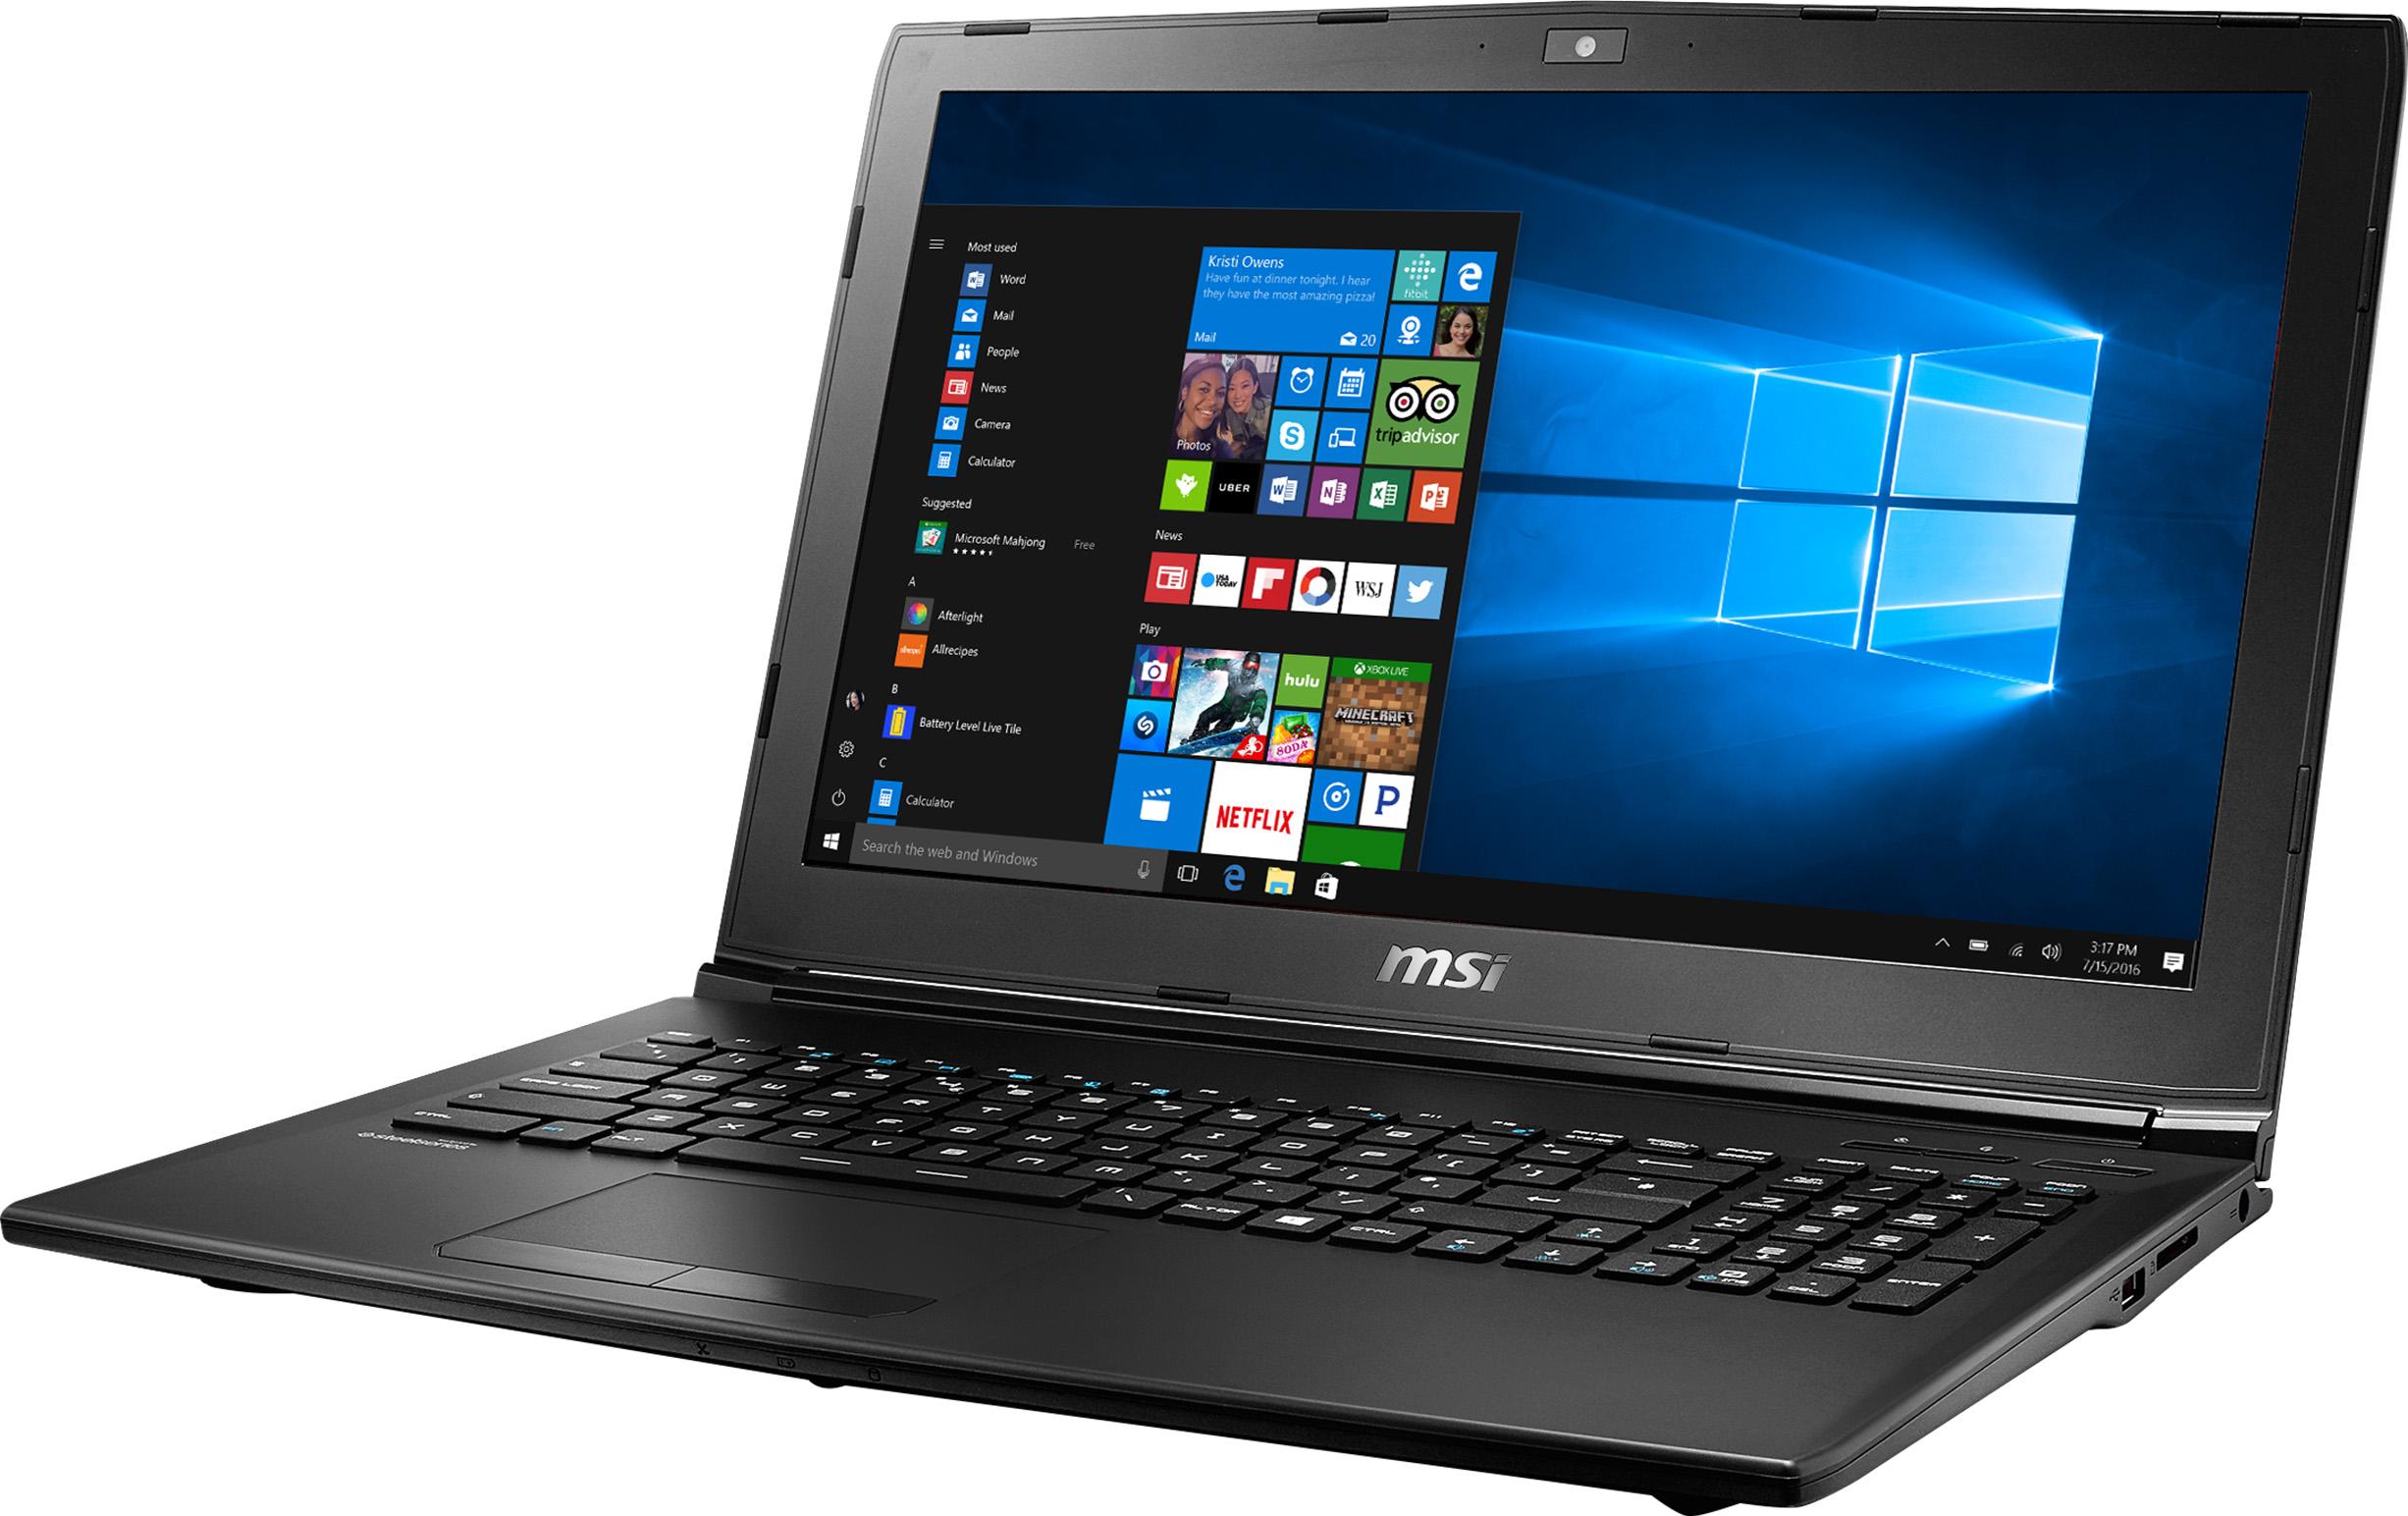 MSI GL62M 7RD Gaming Laptop